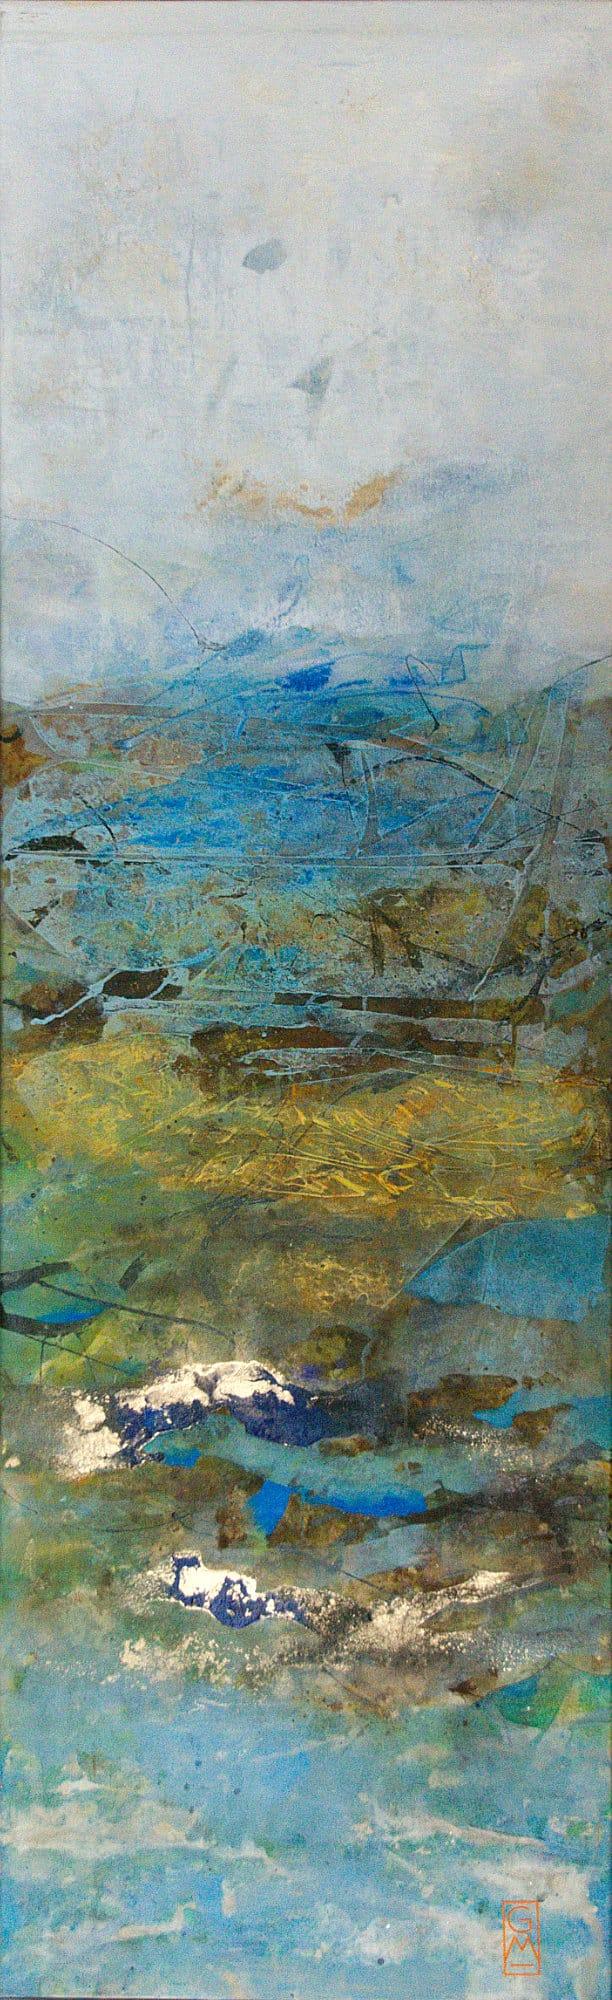 Dunkler Strand | 180 x 56 cm | 2015